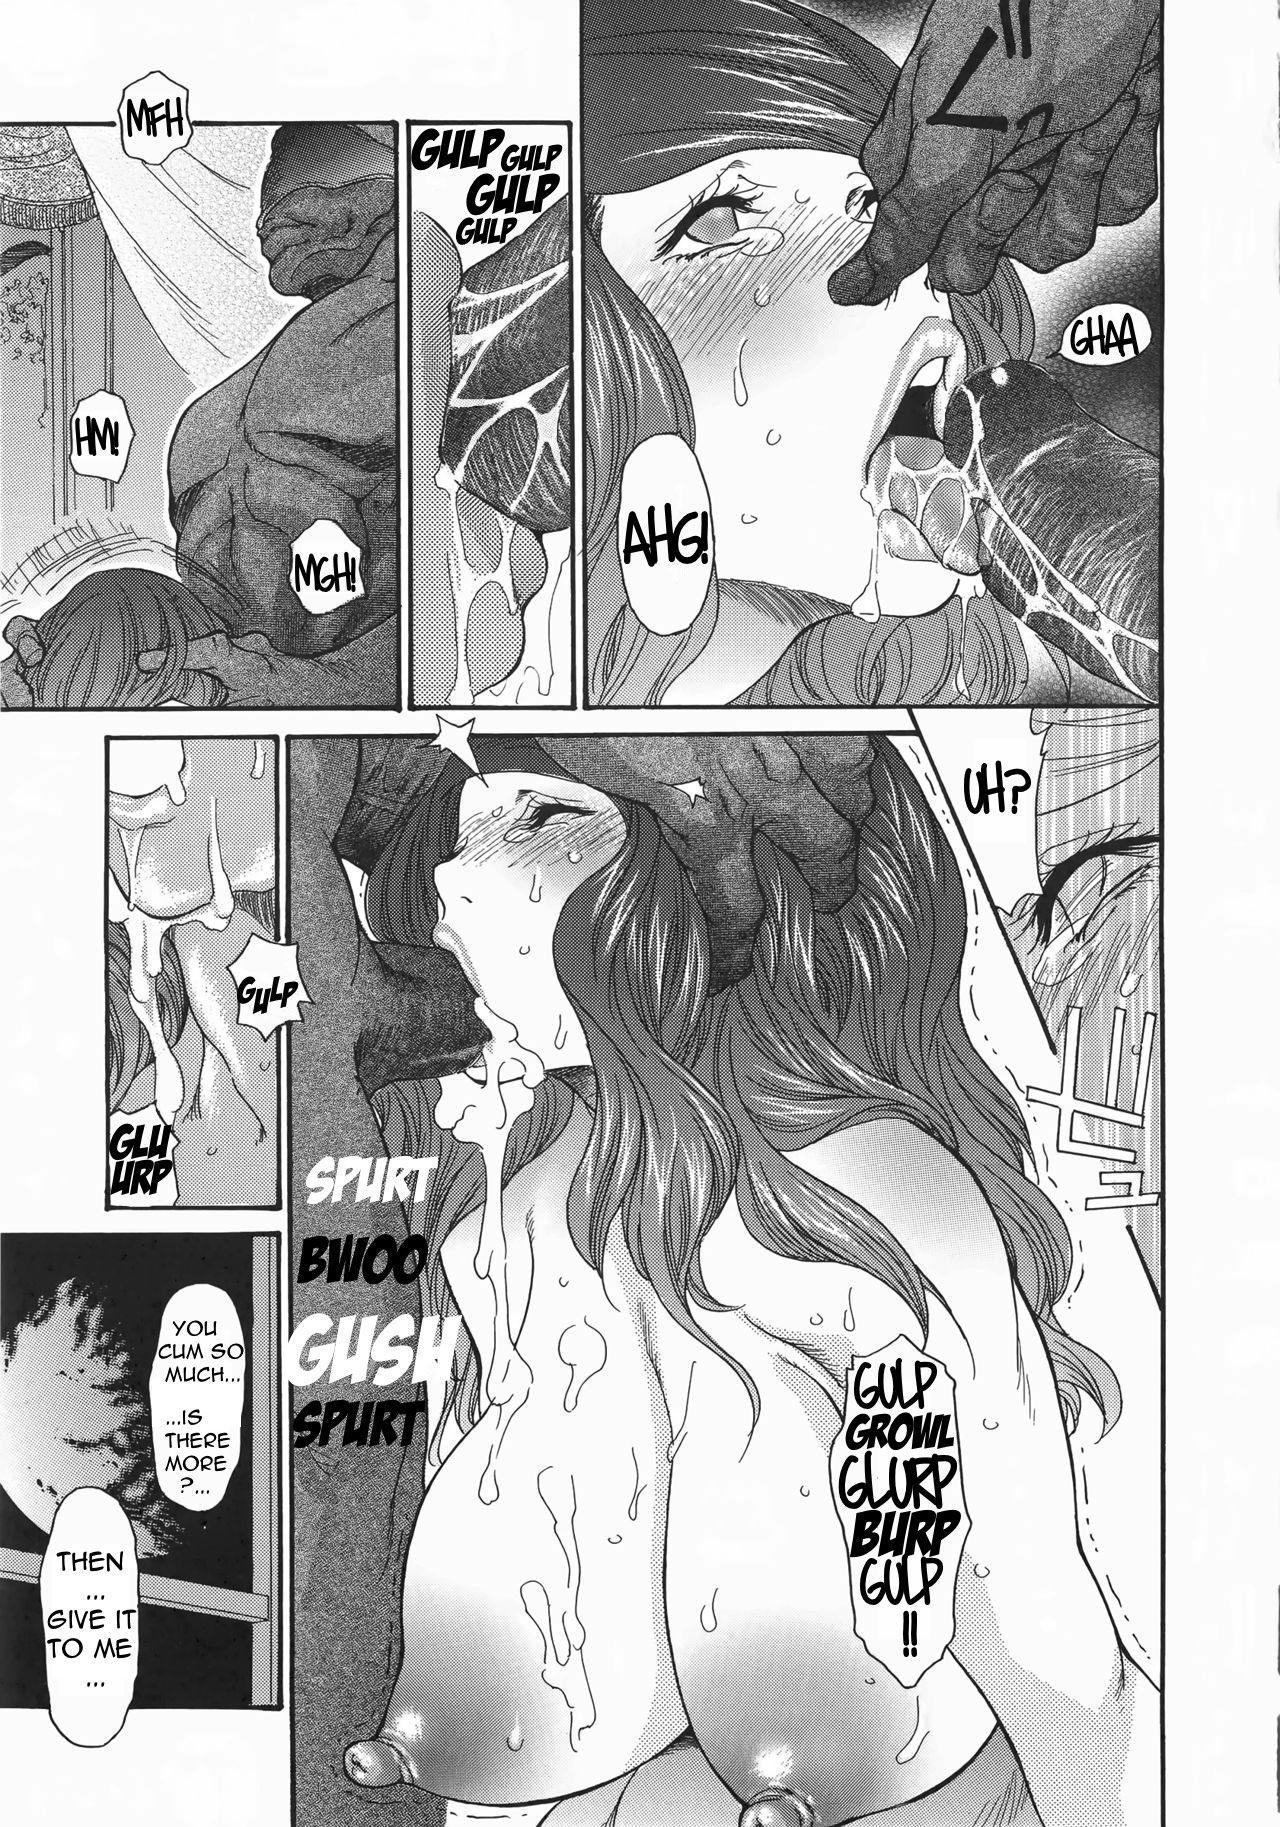 [Aoi Hitori, Izayoi Seishin, Yamasaki Masato] Metamorphose ~Celeb Zuma no Seien~ Ch. 1-8 [English][Decensored] [R-IC] 80